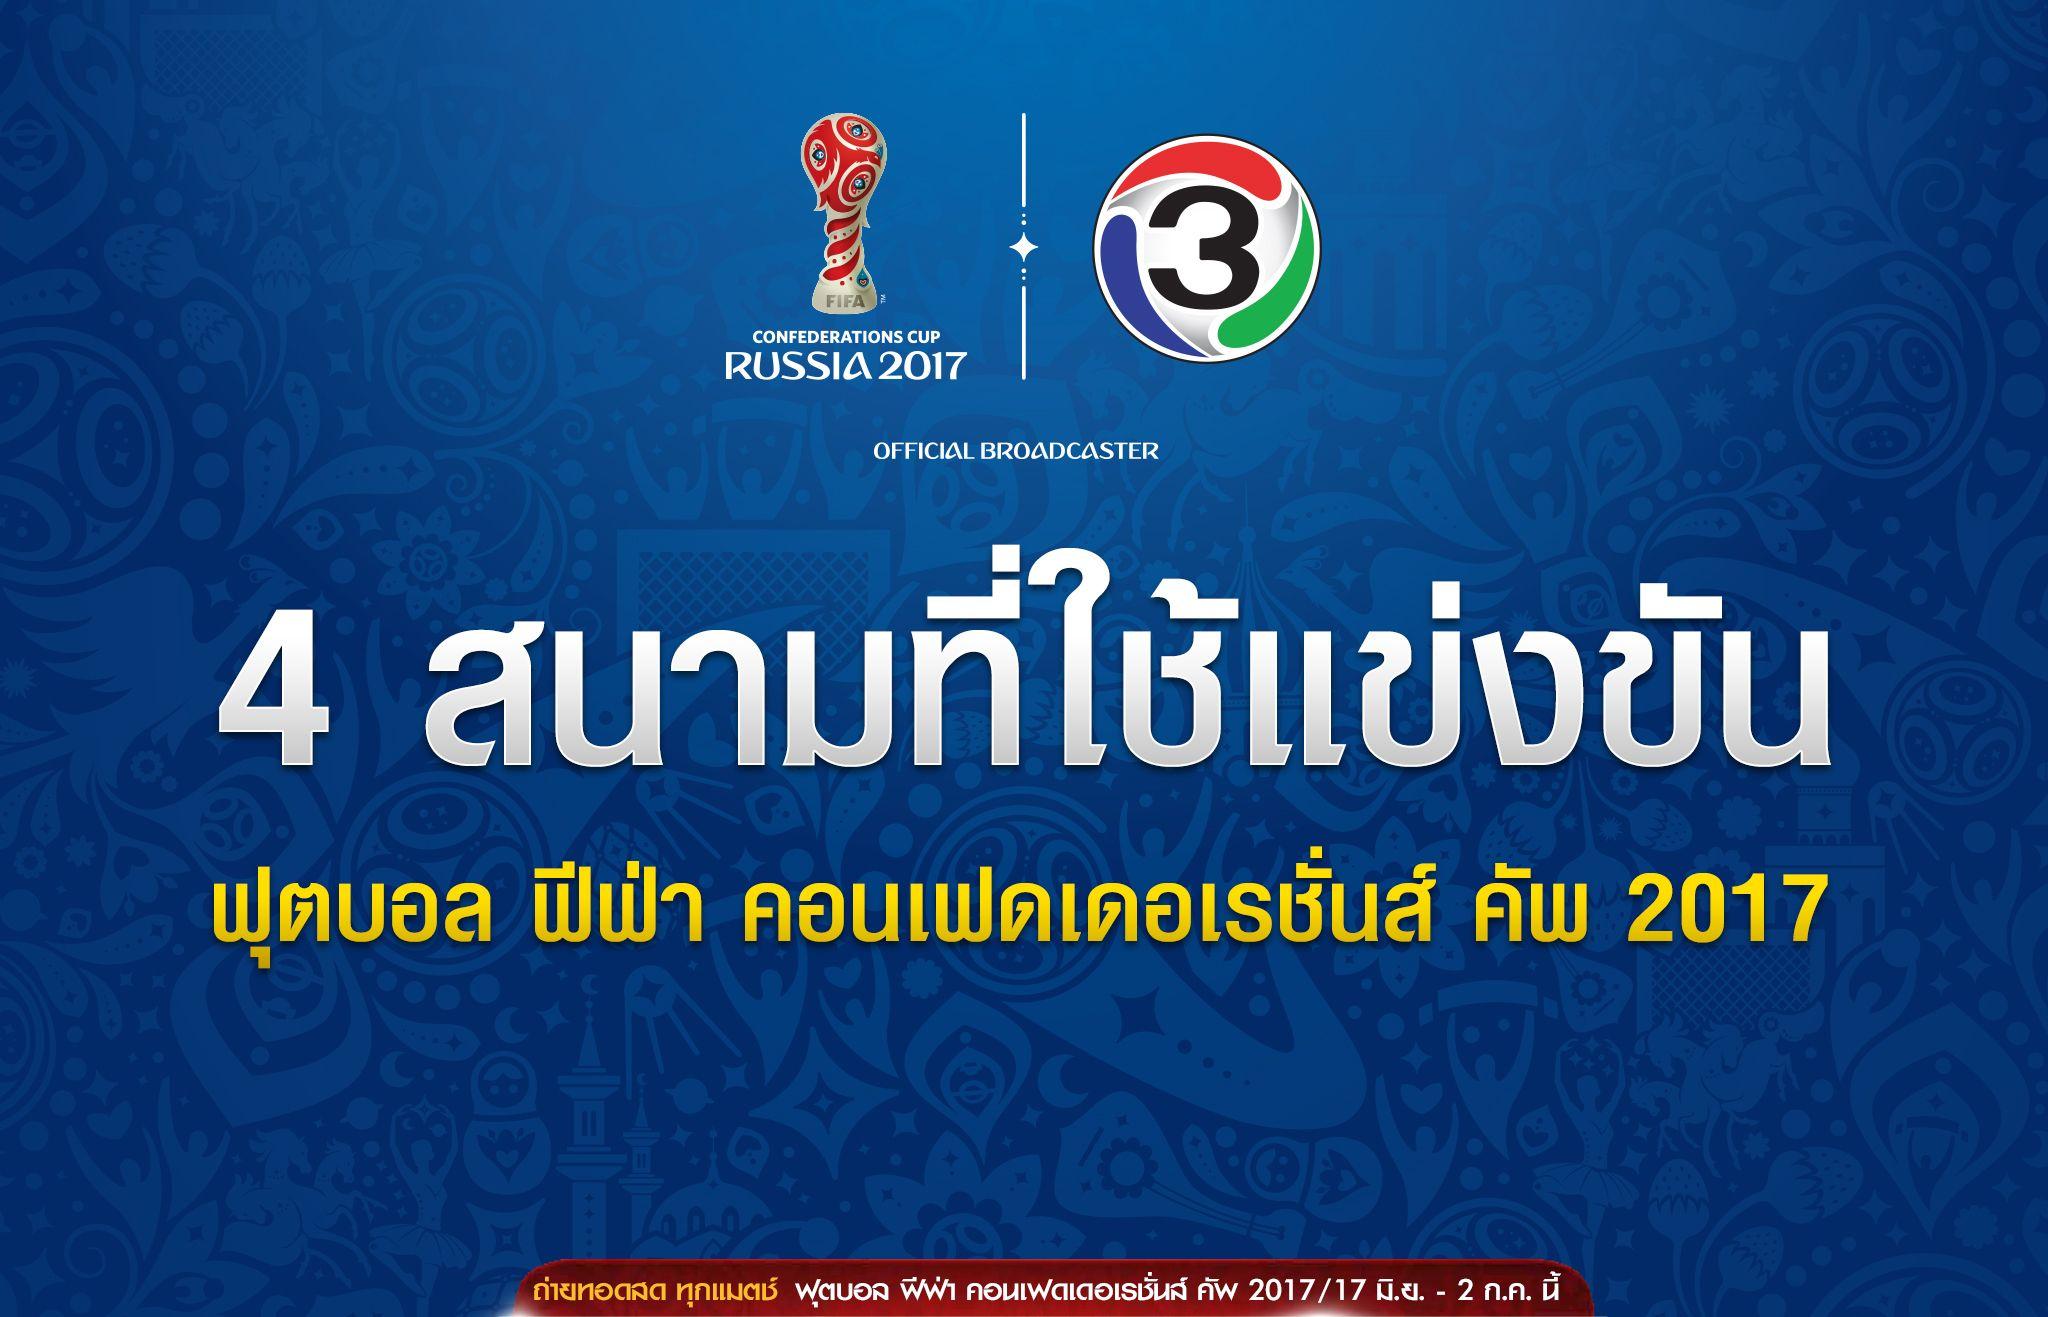 ฟุตบอล ฟีฟ่า คอนเฟดเดอเรชั่น 2017 FIFA Confederations Cup 2017